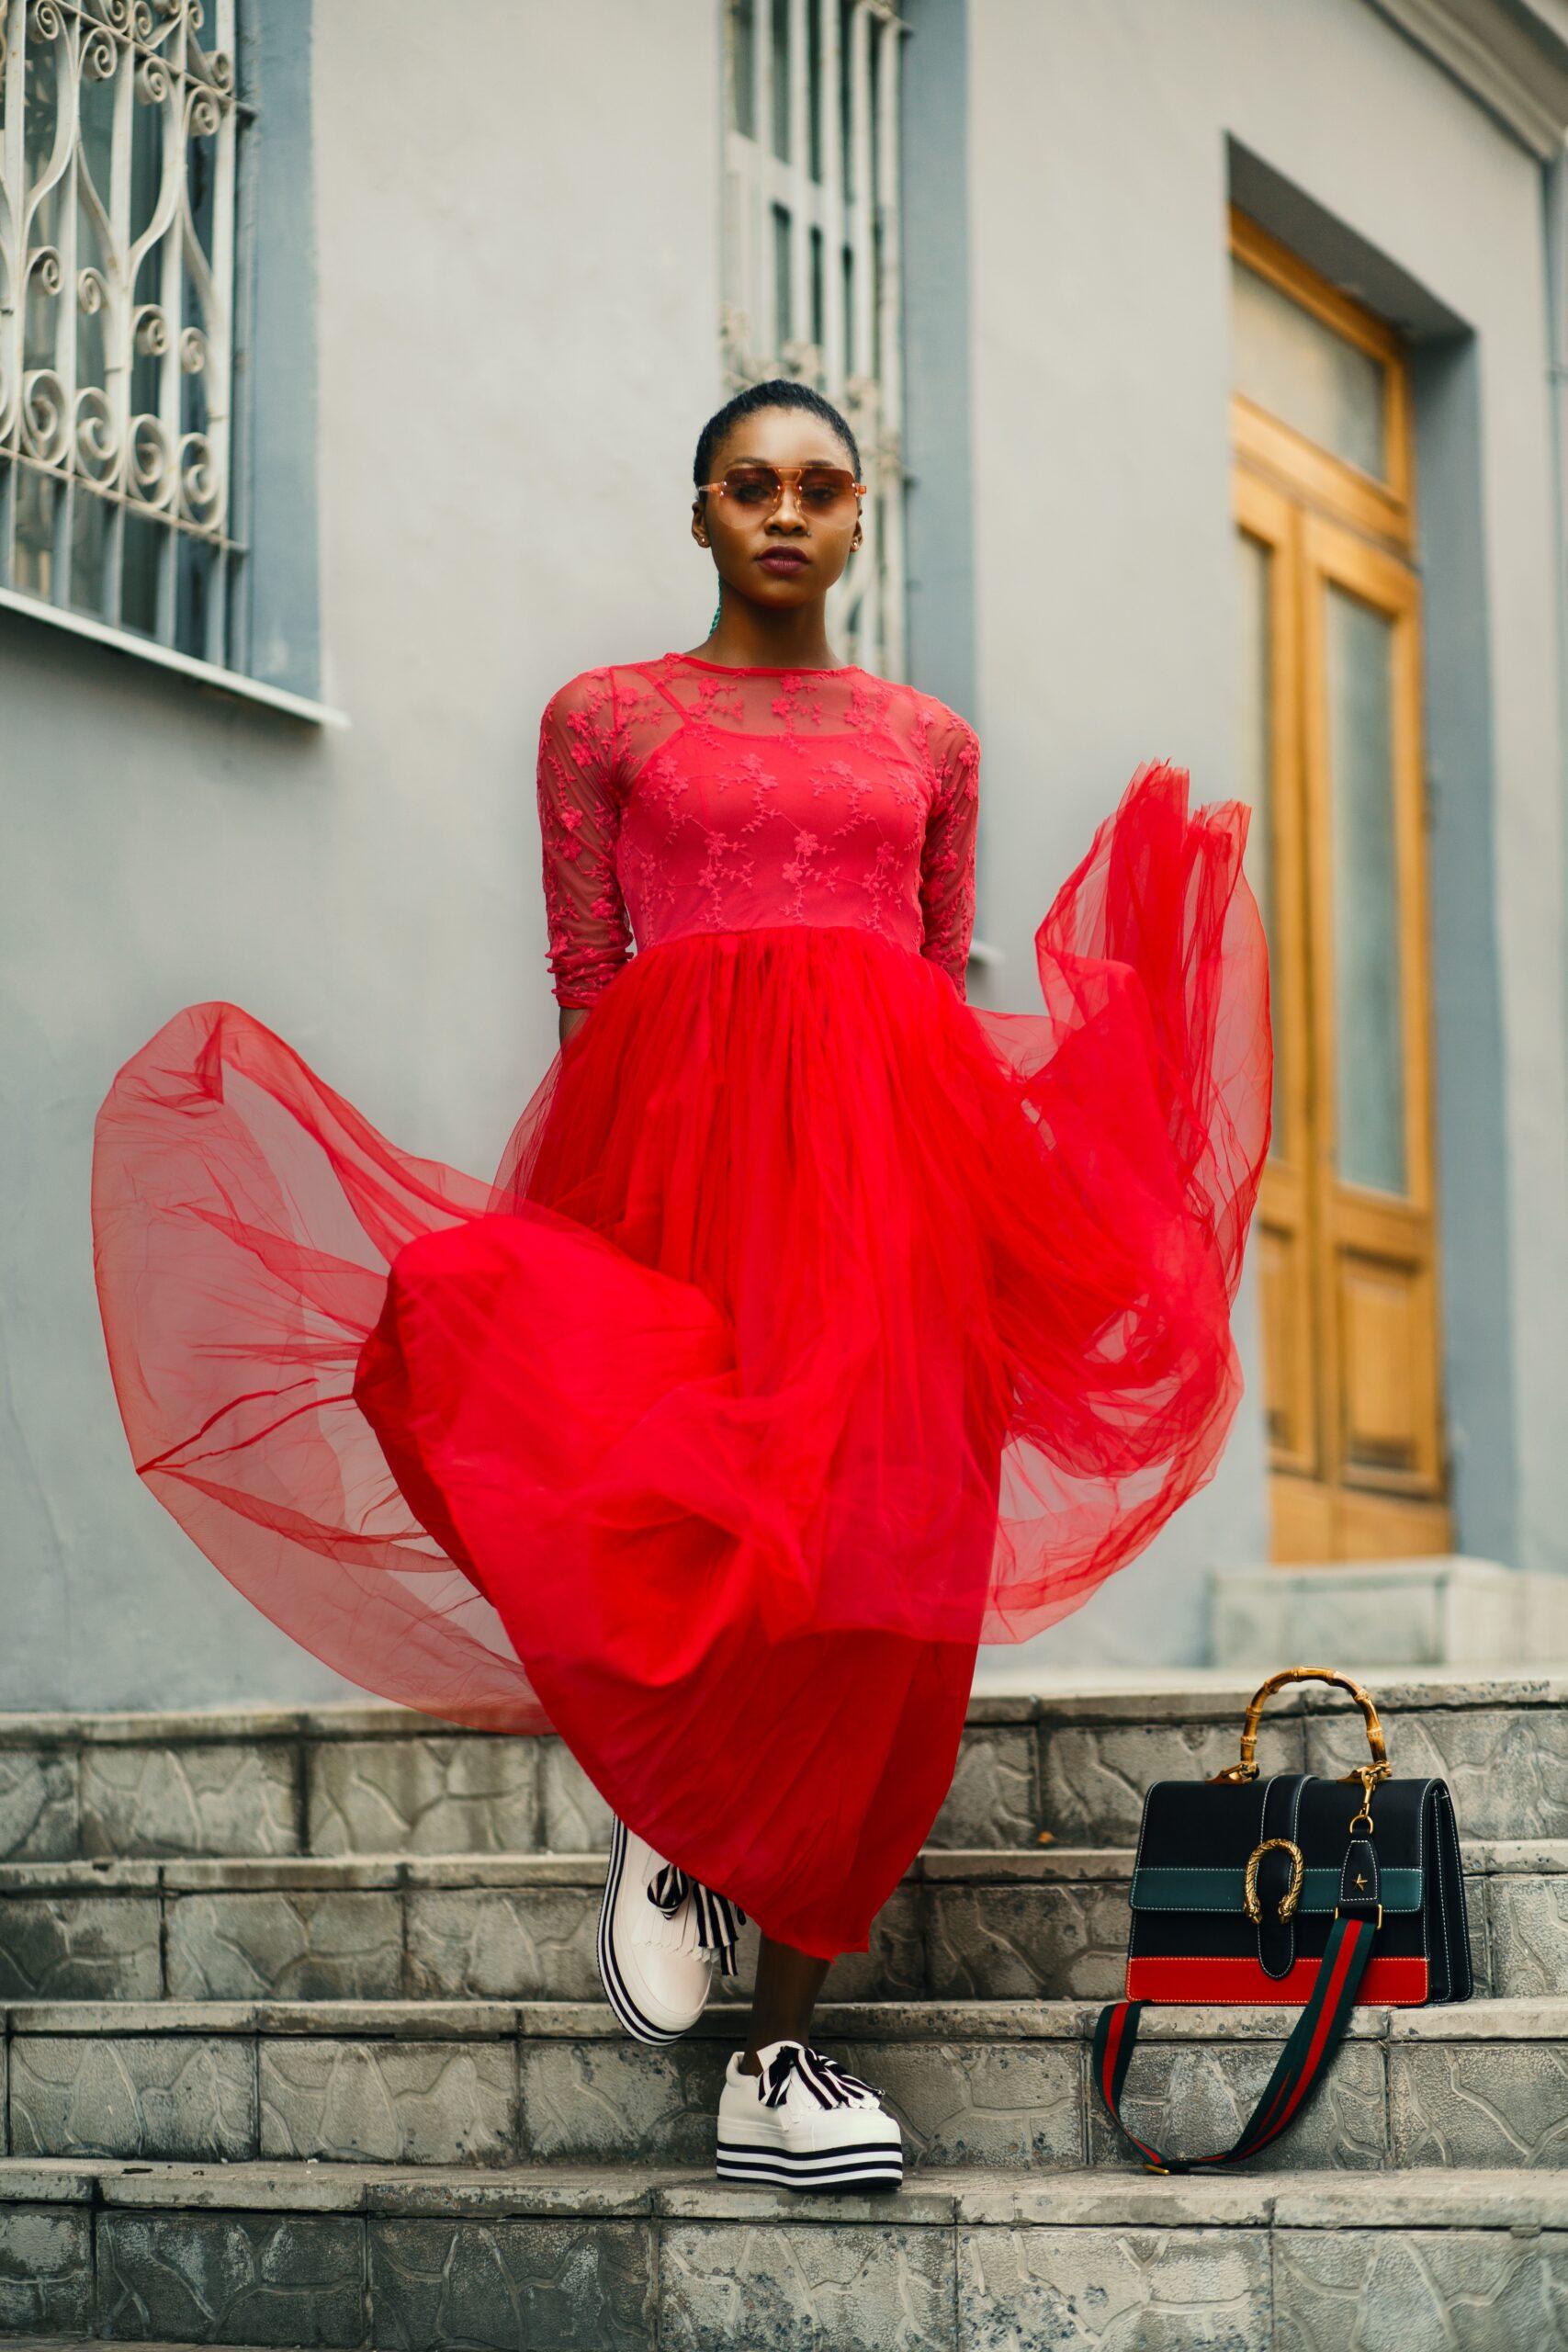 Future Of Fashion: Where Will It Go?